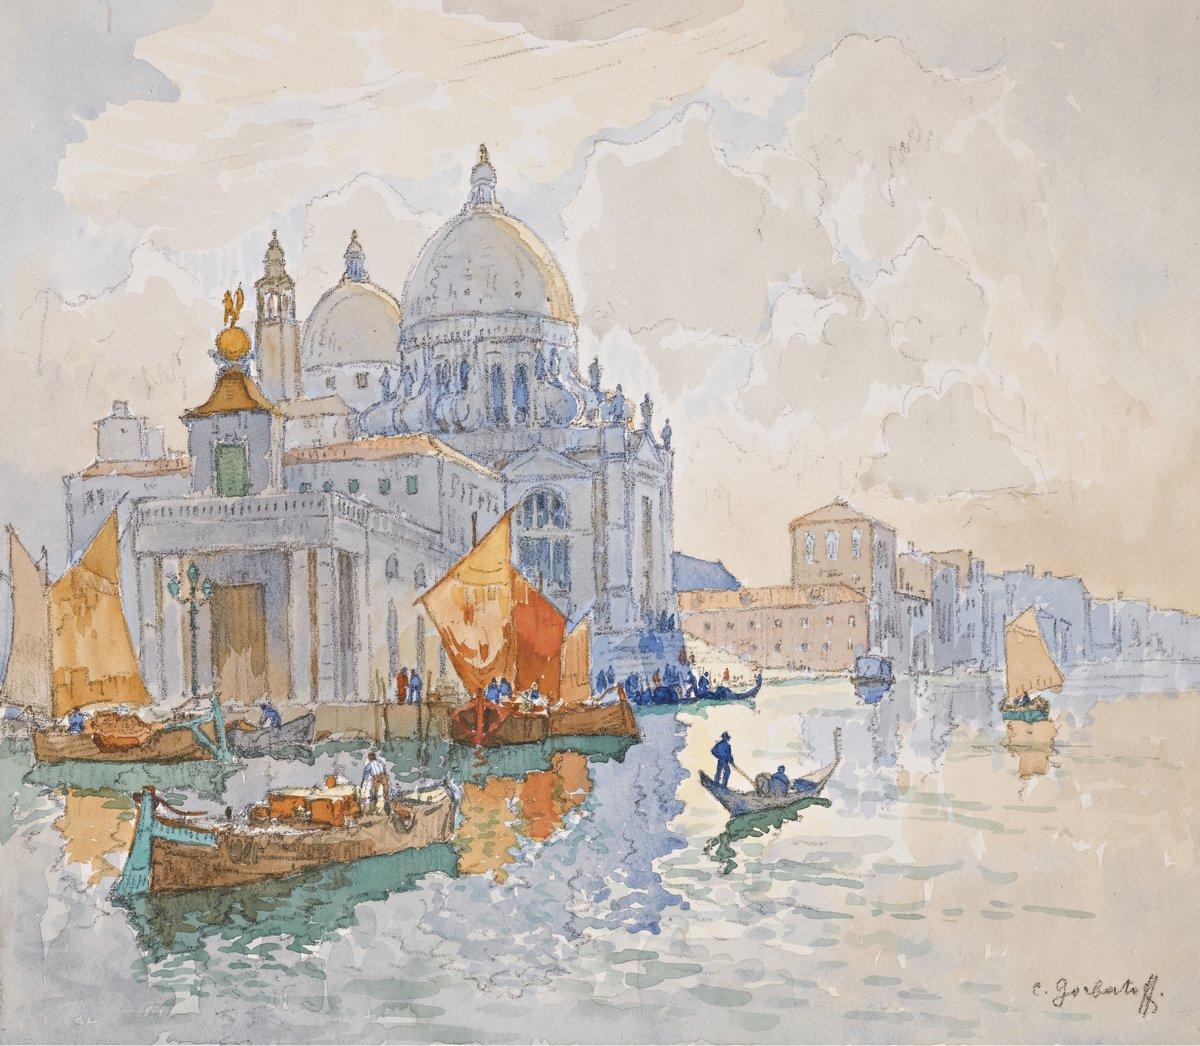 Яркие картины, картина Горбатов Константин «Венеция»Яркие картины<br>Репродукция на холсте или бумаге. Любого нужного вам размера. В раме или без. Подвес в комплекте. Трехслойная надежная упаковка. Доставим в любую точку России. Вам осталось только повесить картину на стену!<br>